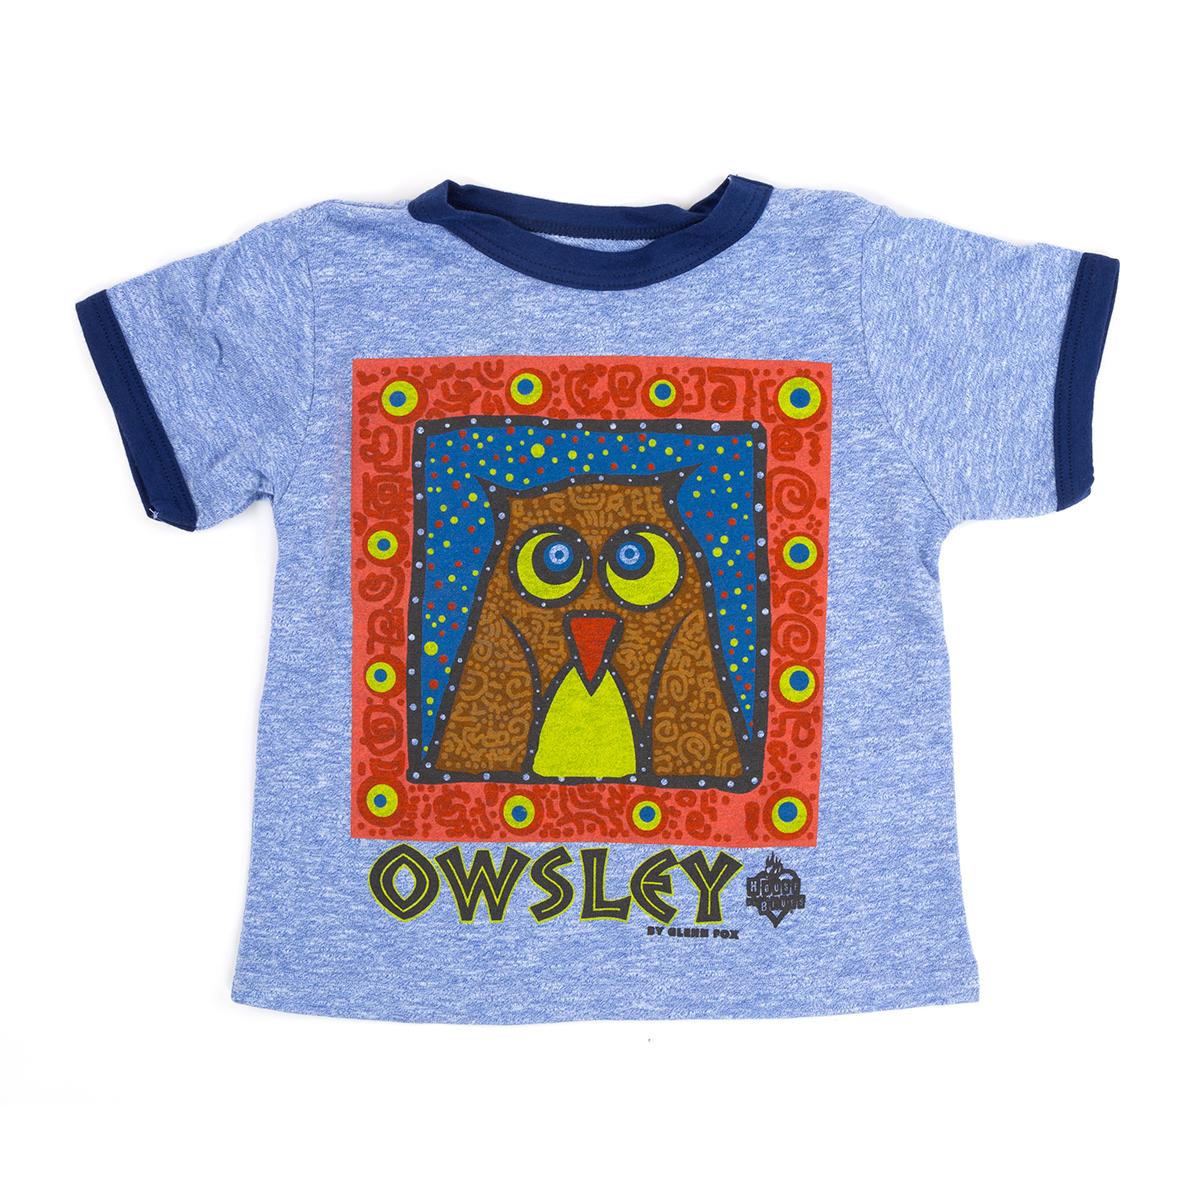 Kids Owlsey Tee